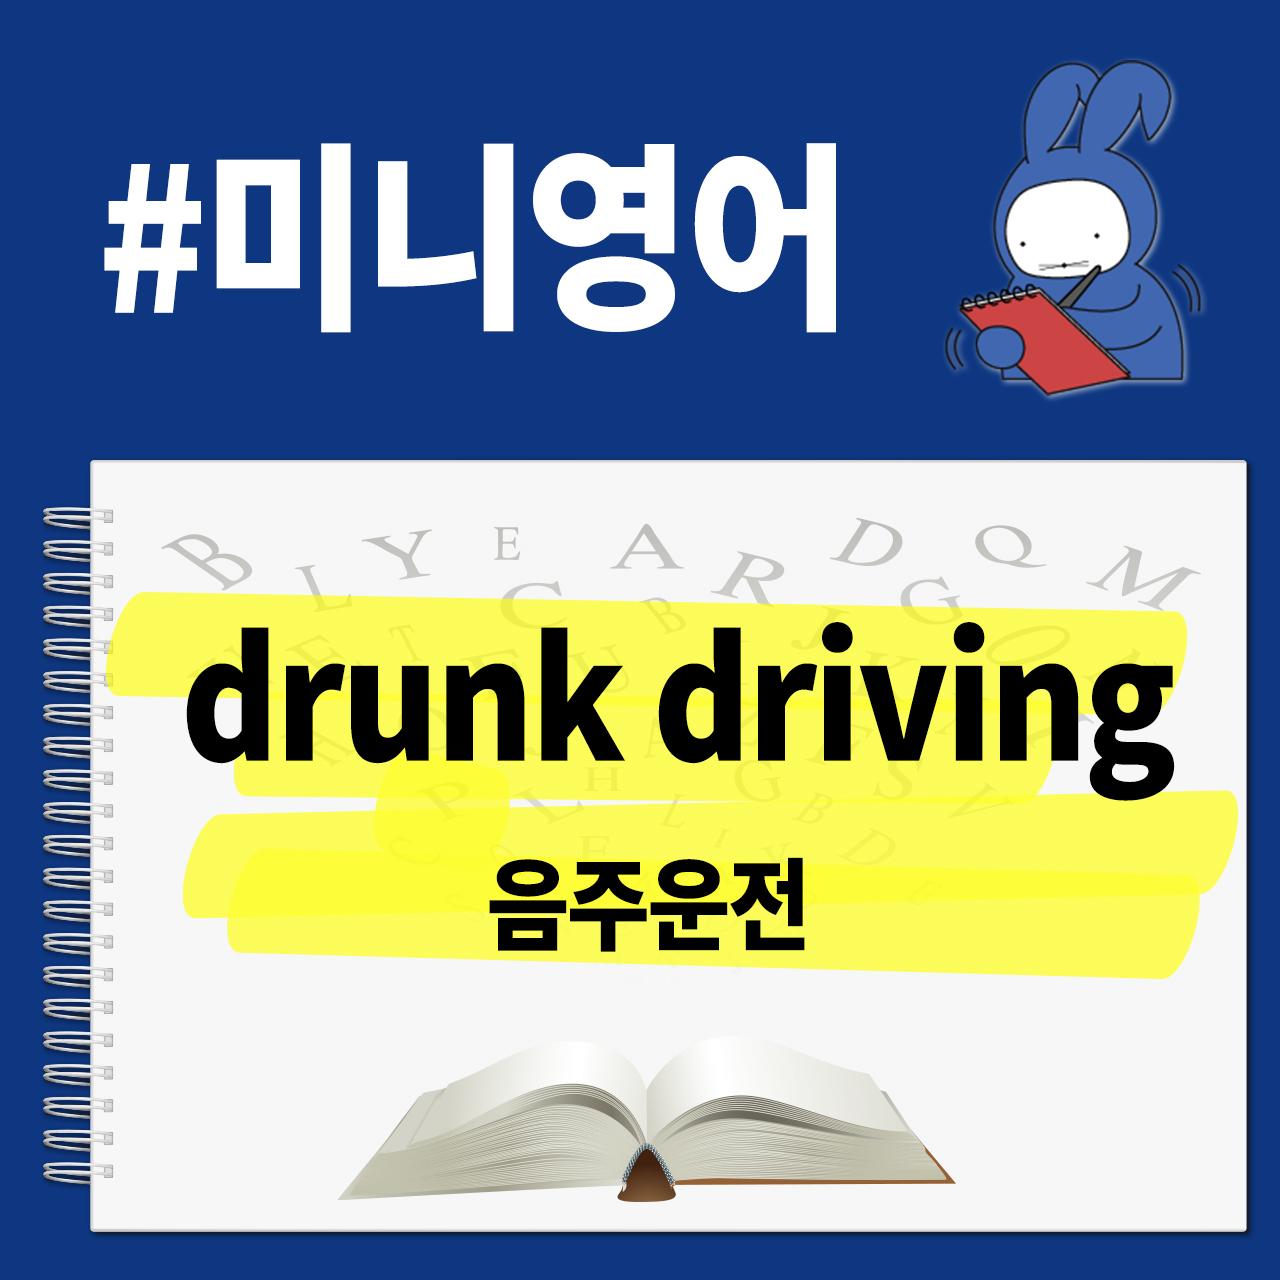 [오디오래빗] 실수 아닌 범죄 #음주운전 영어로 뭐게?